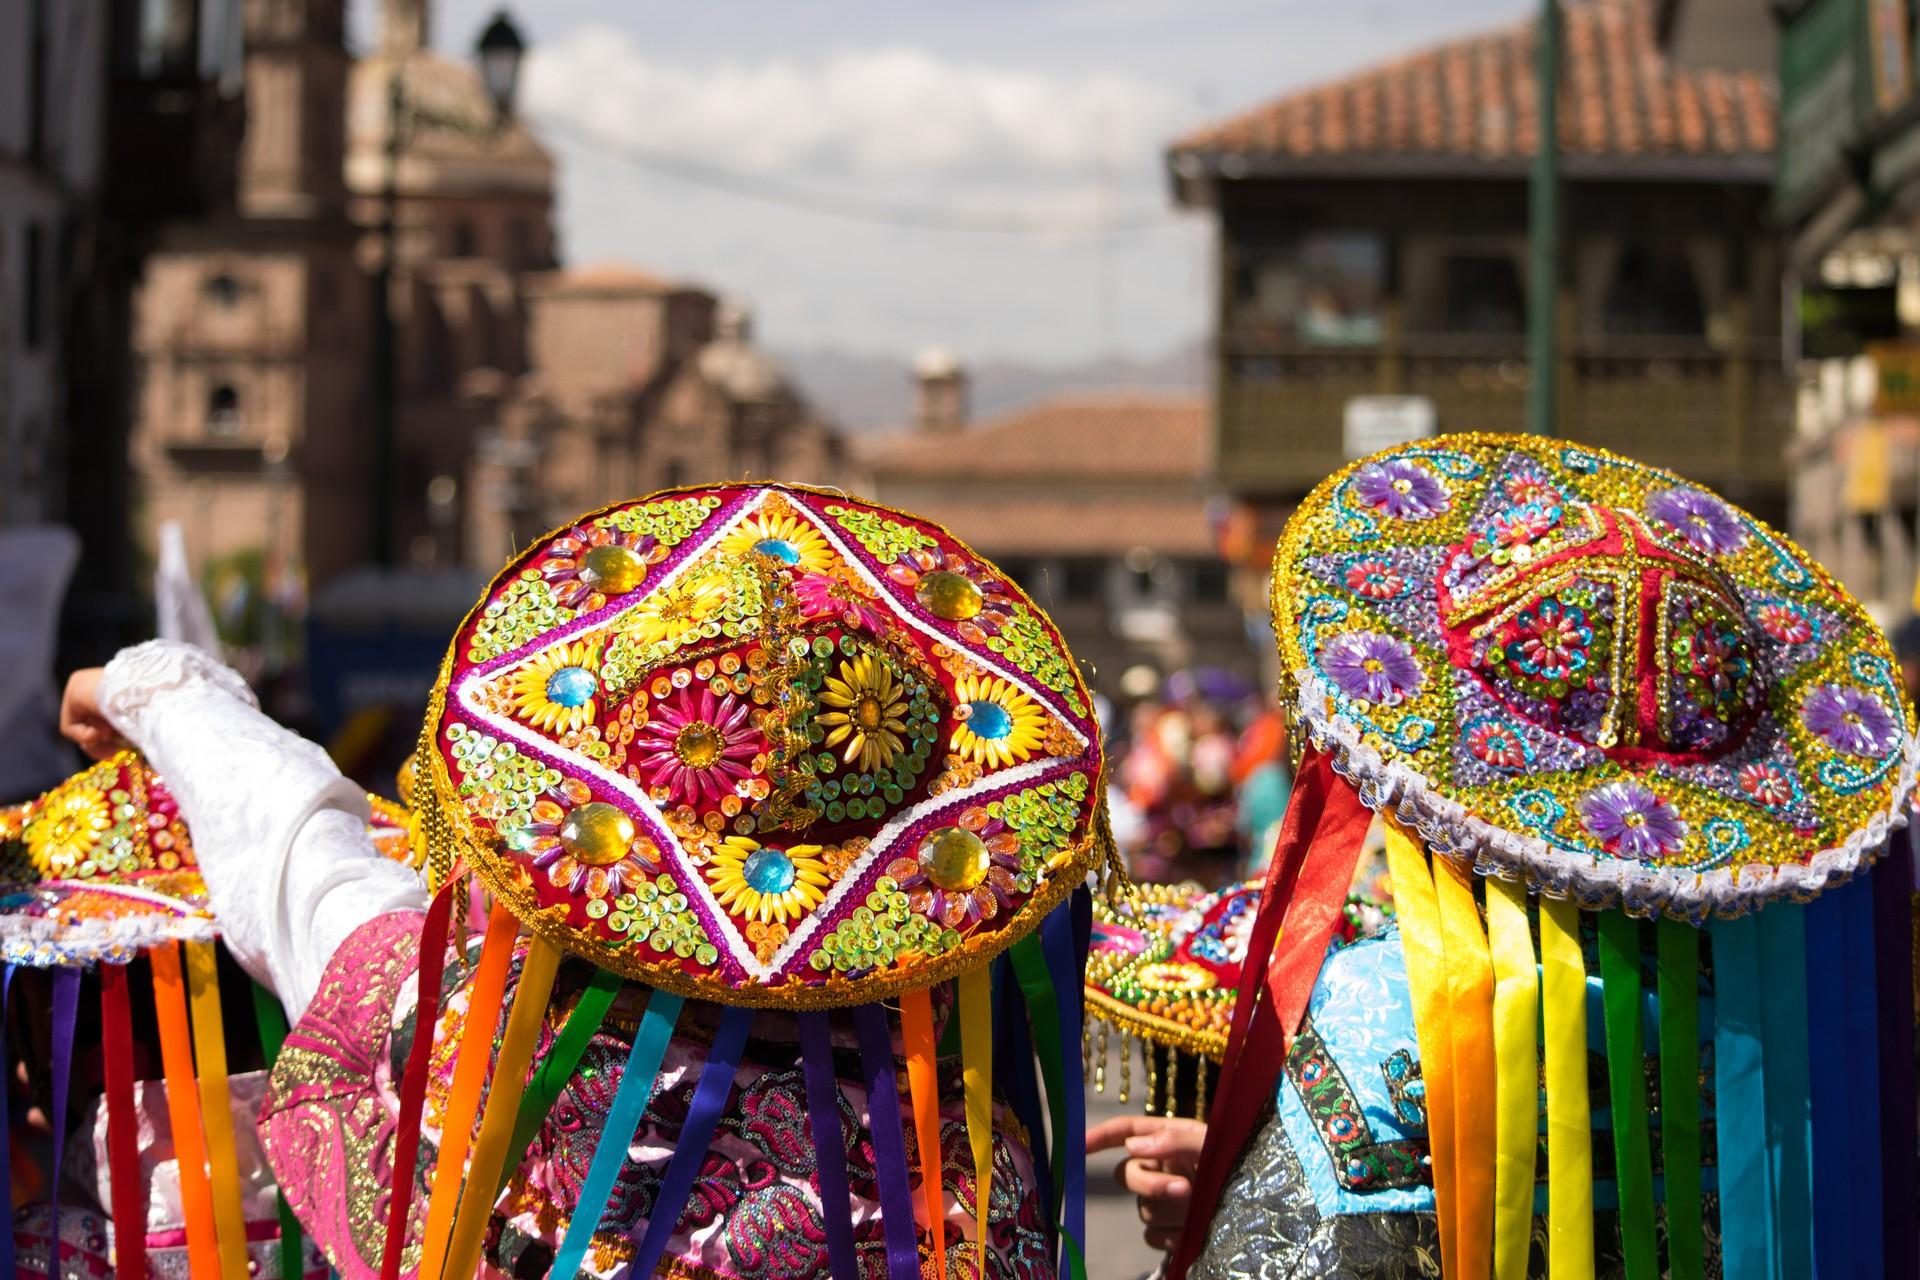 Colourful costumes in Cusco, Peru